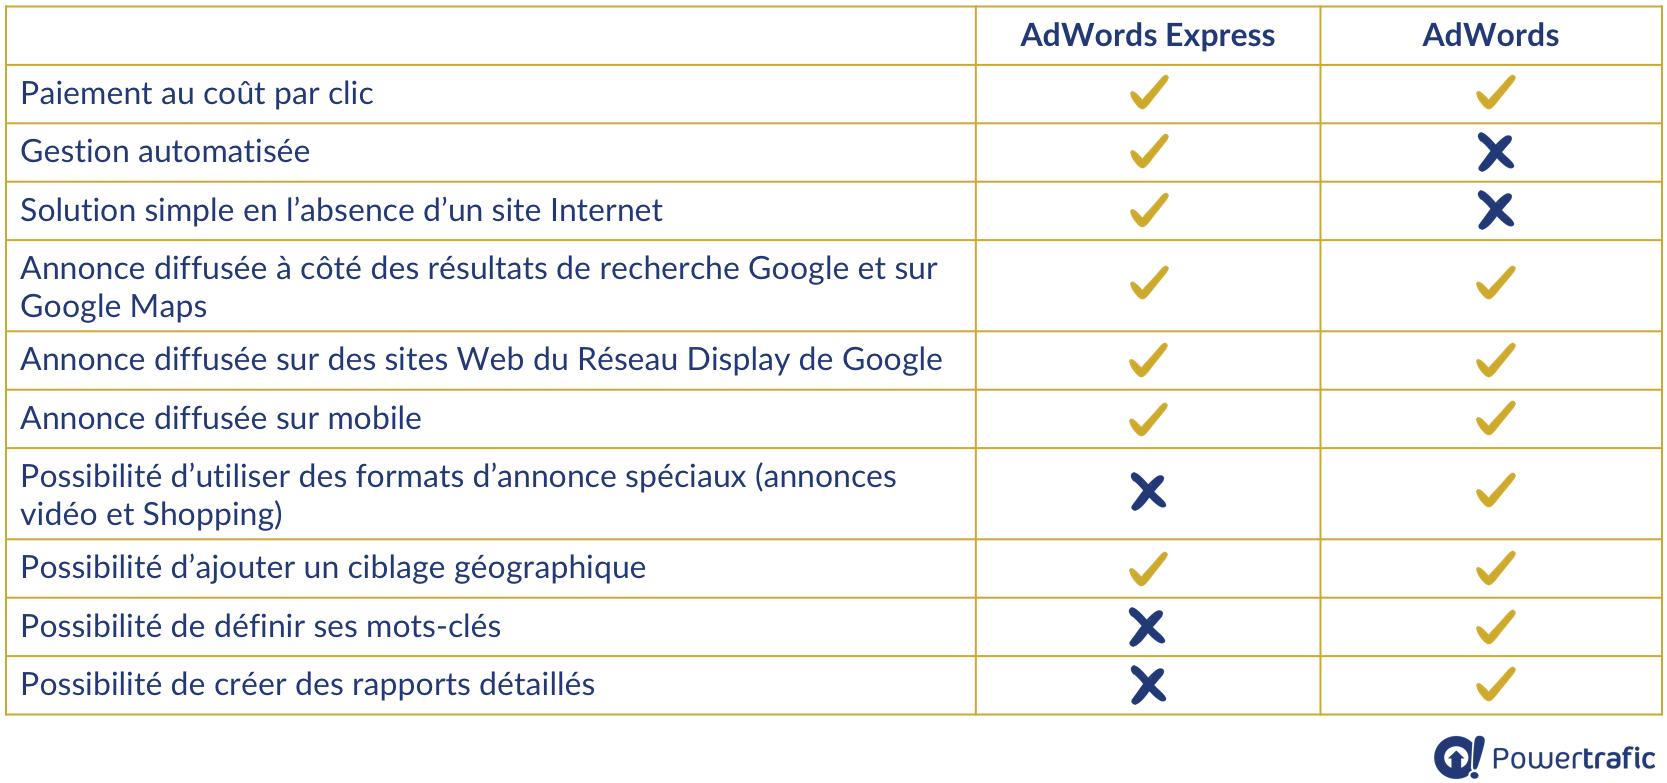 Tableau comparatif des fonctionnalités AdWords Express et AdWords